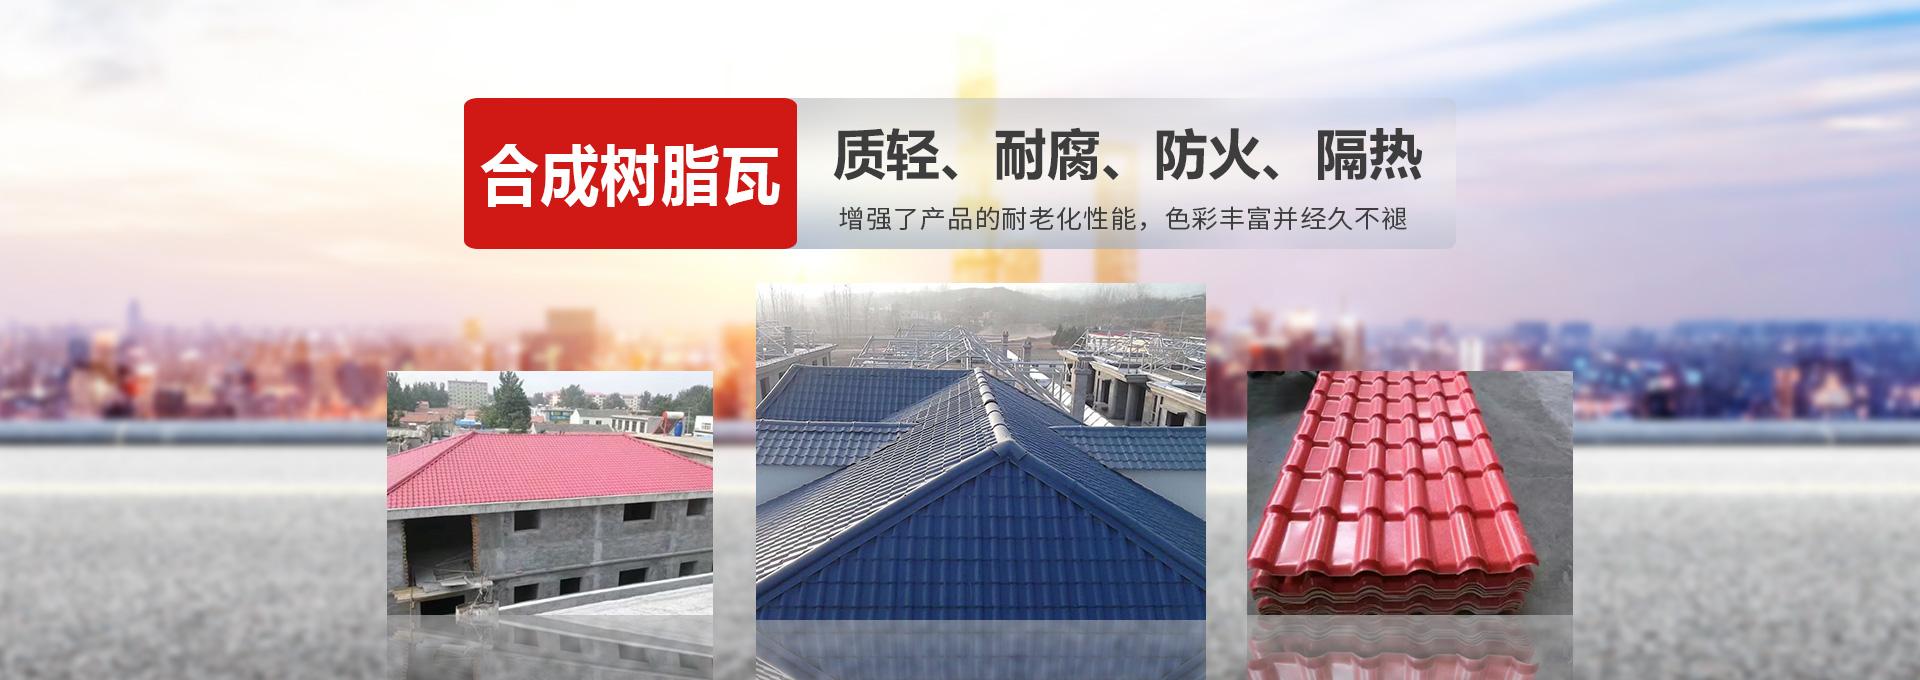 济宁宏展建筑材料有限公司